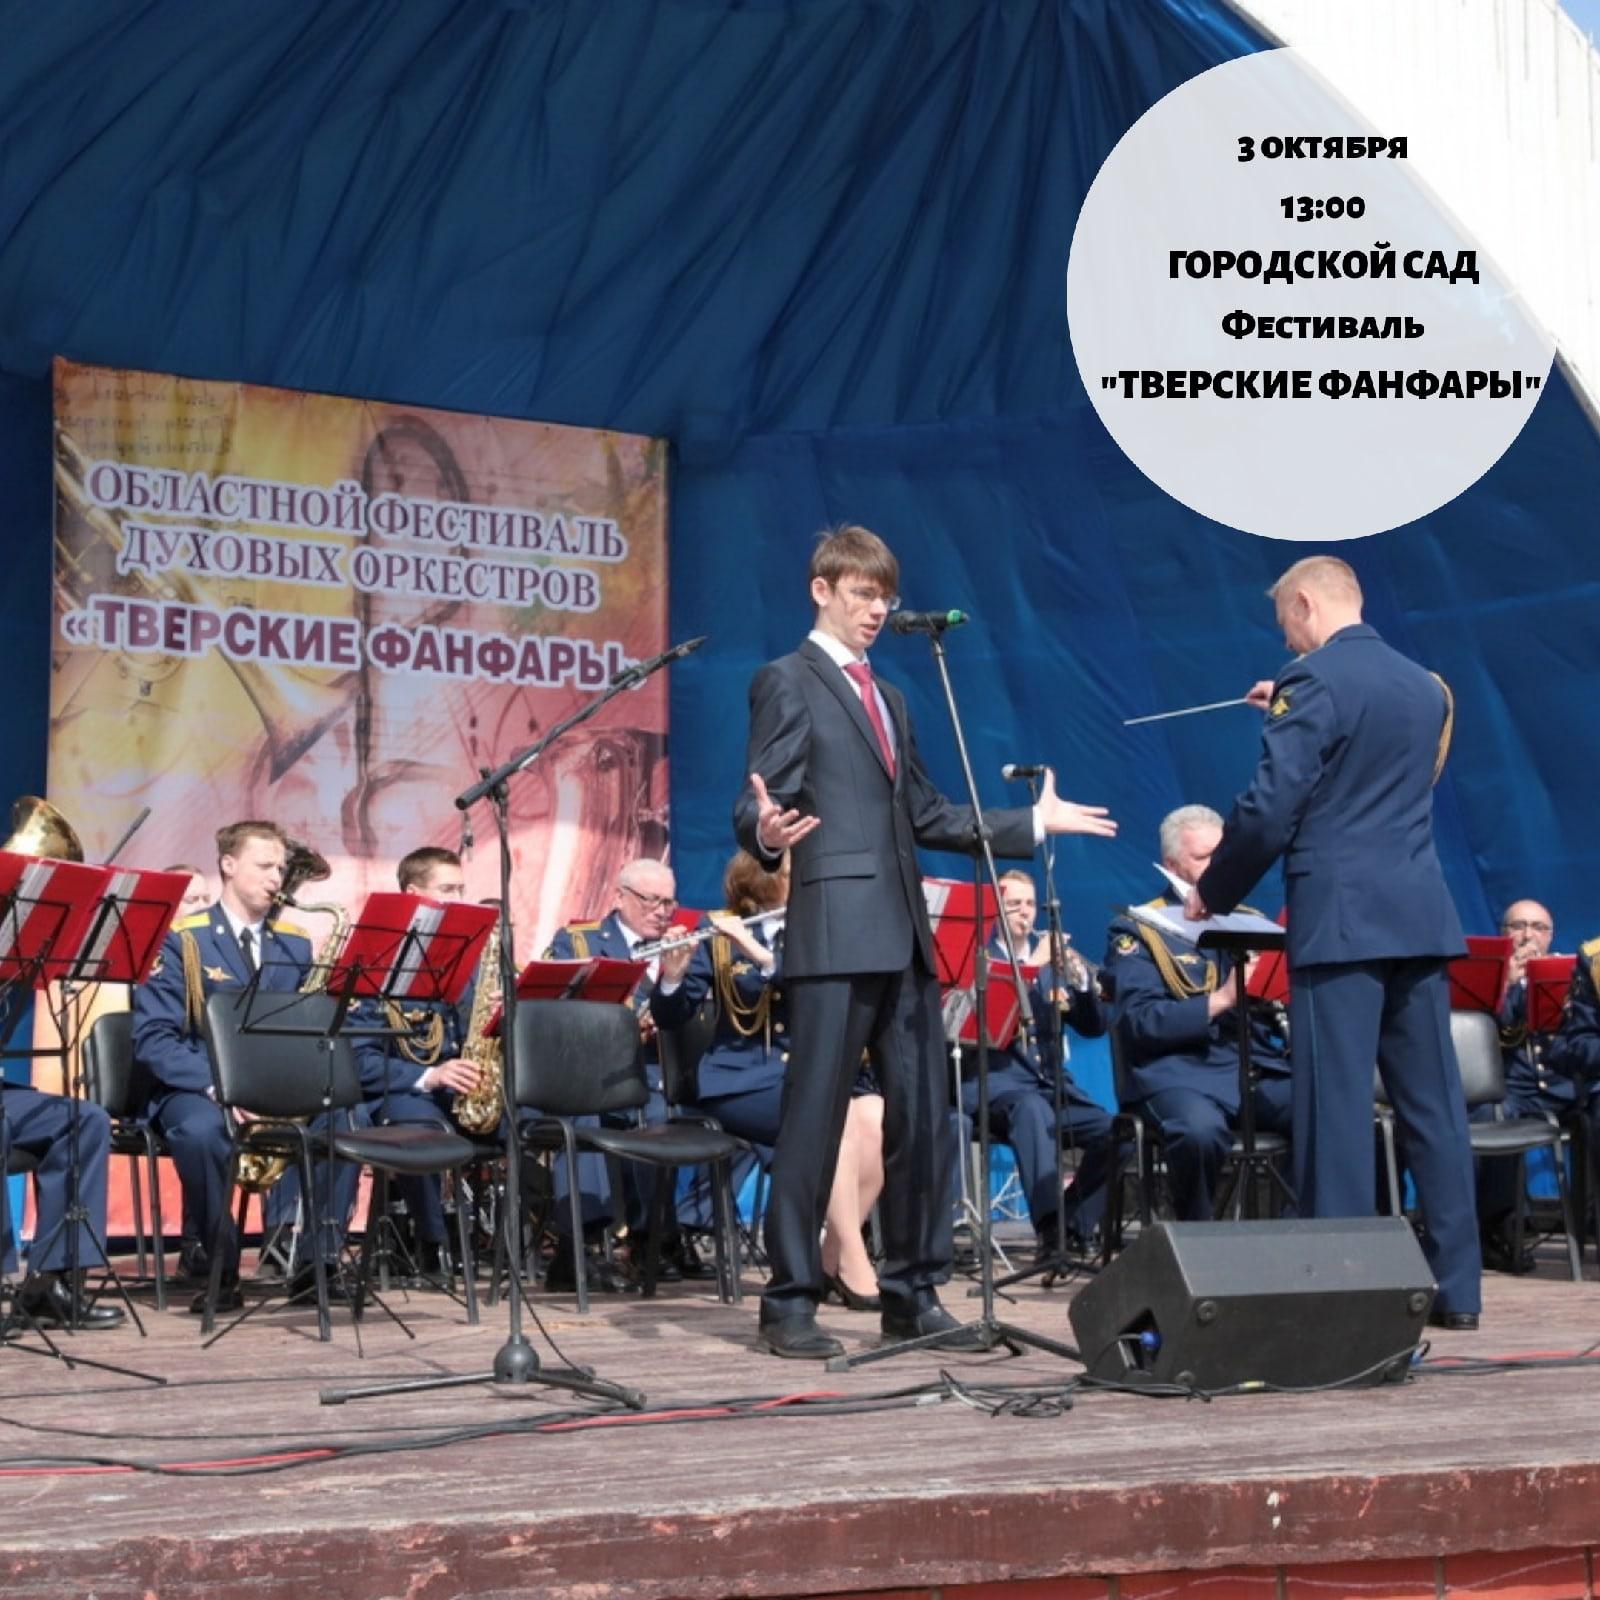 В Твери пройдет областной фестиваль духовых оркестров «Тверские фанфары Победы»